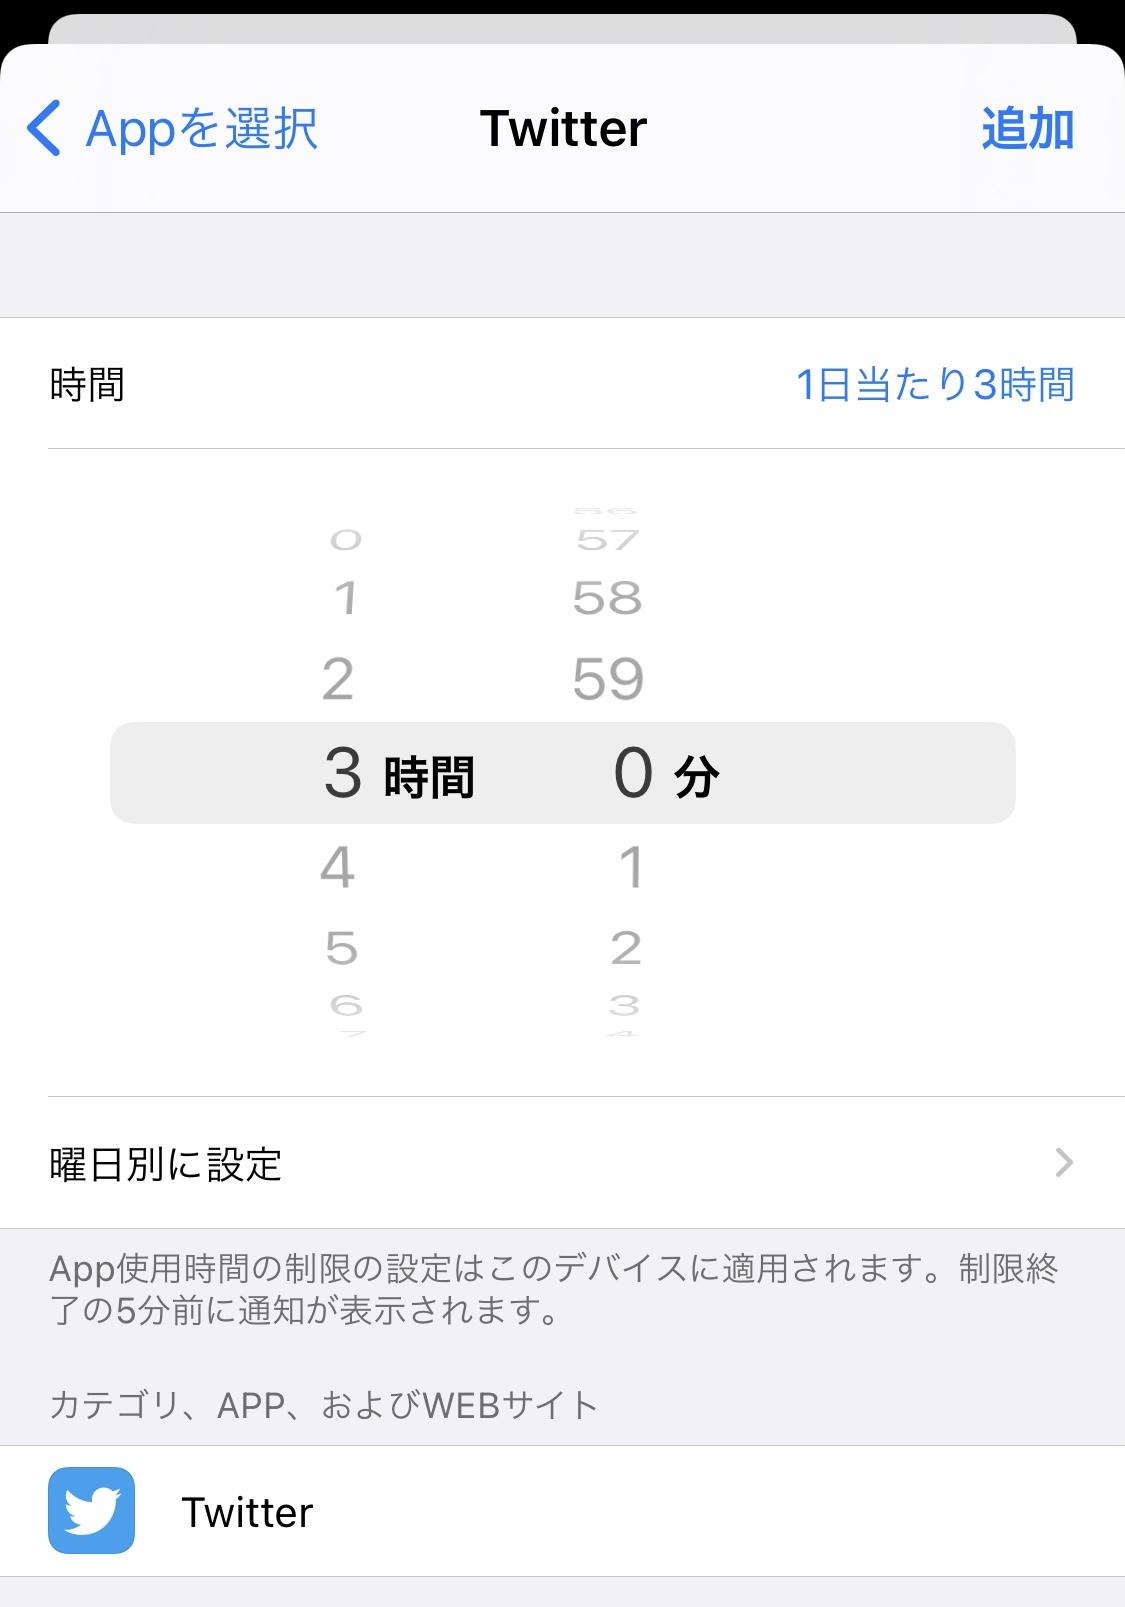 アプリ使用制限5